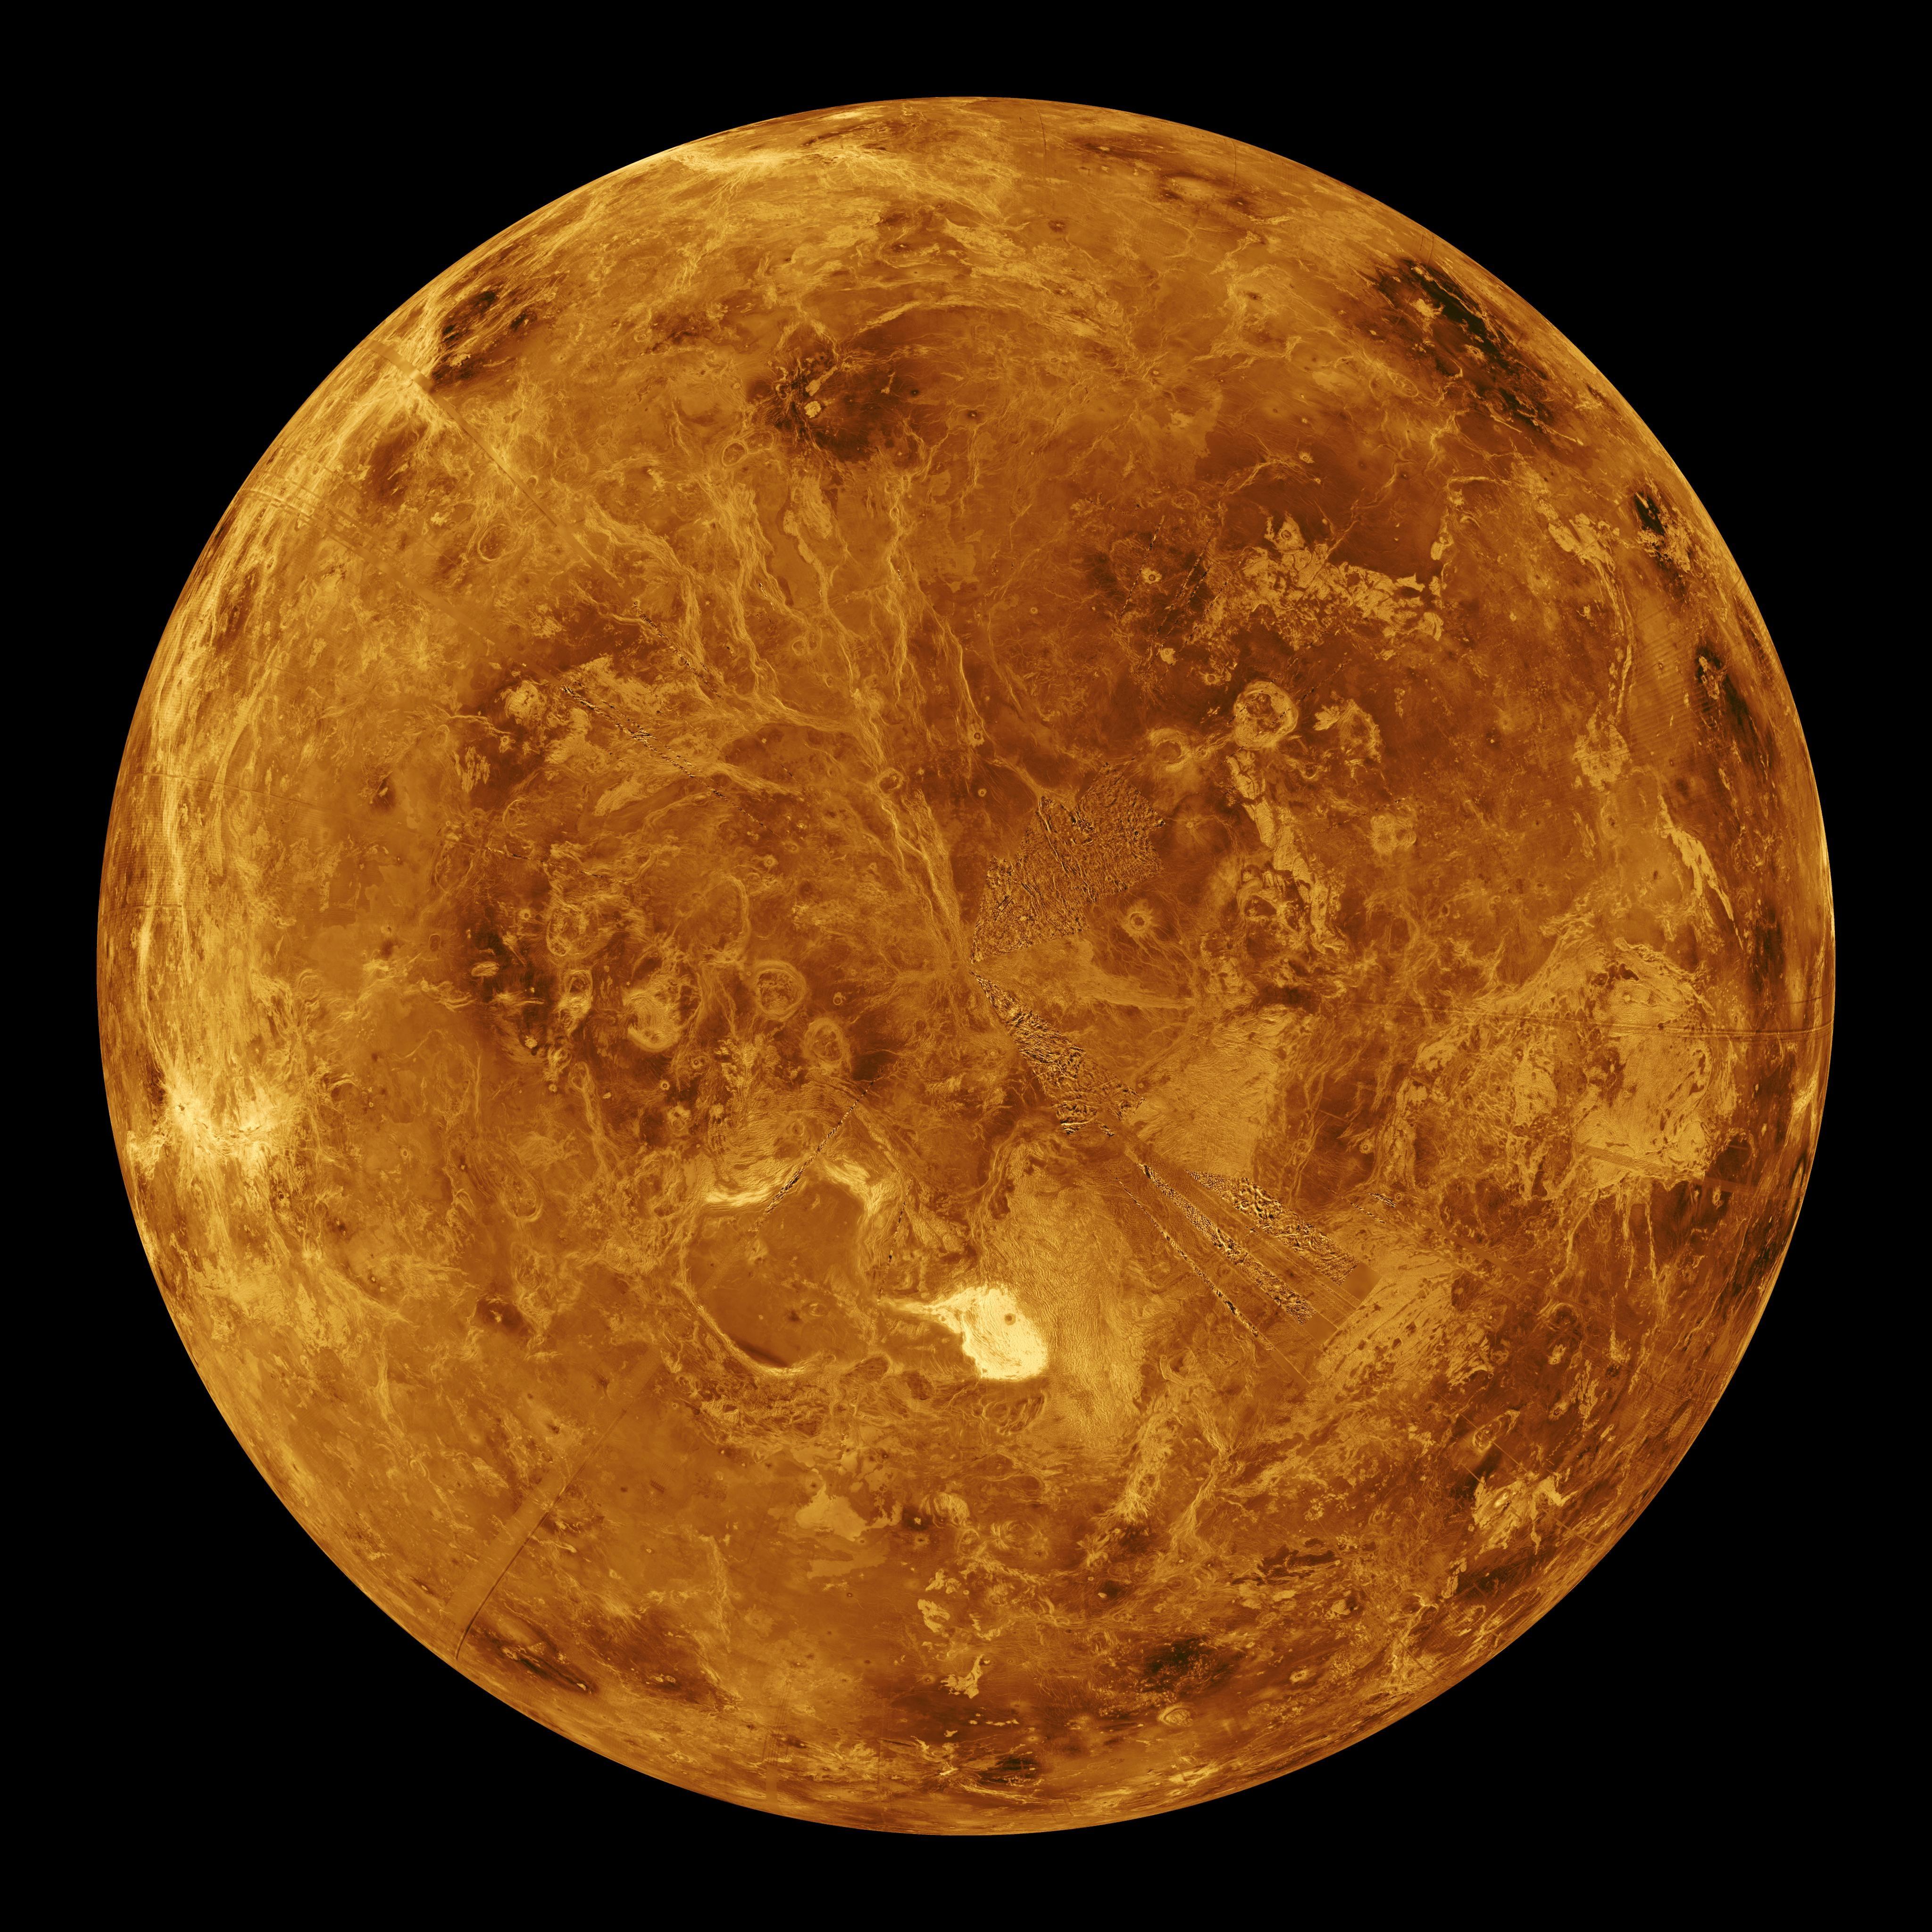 Vênus: simulação em computador do seu hemisfério norte (Foto: NASA/JPL)